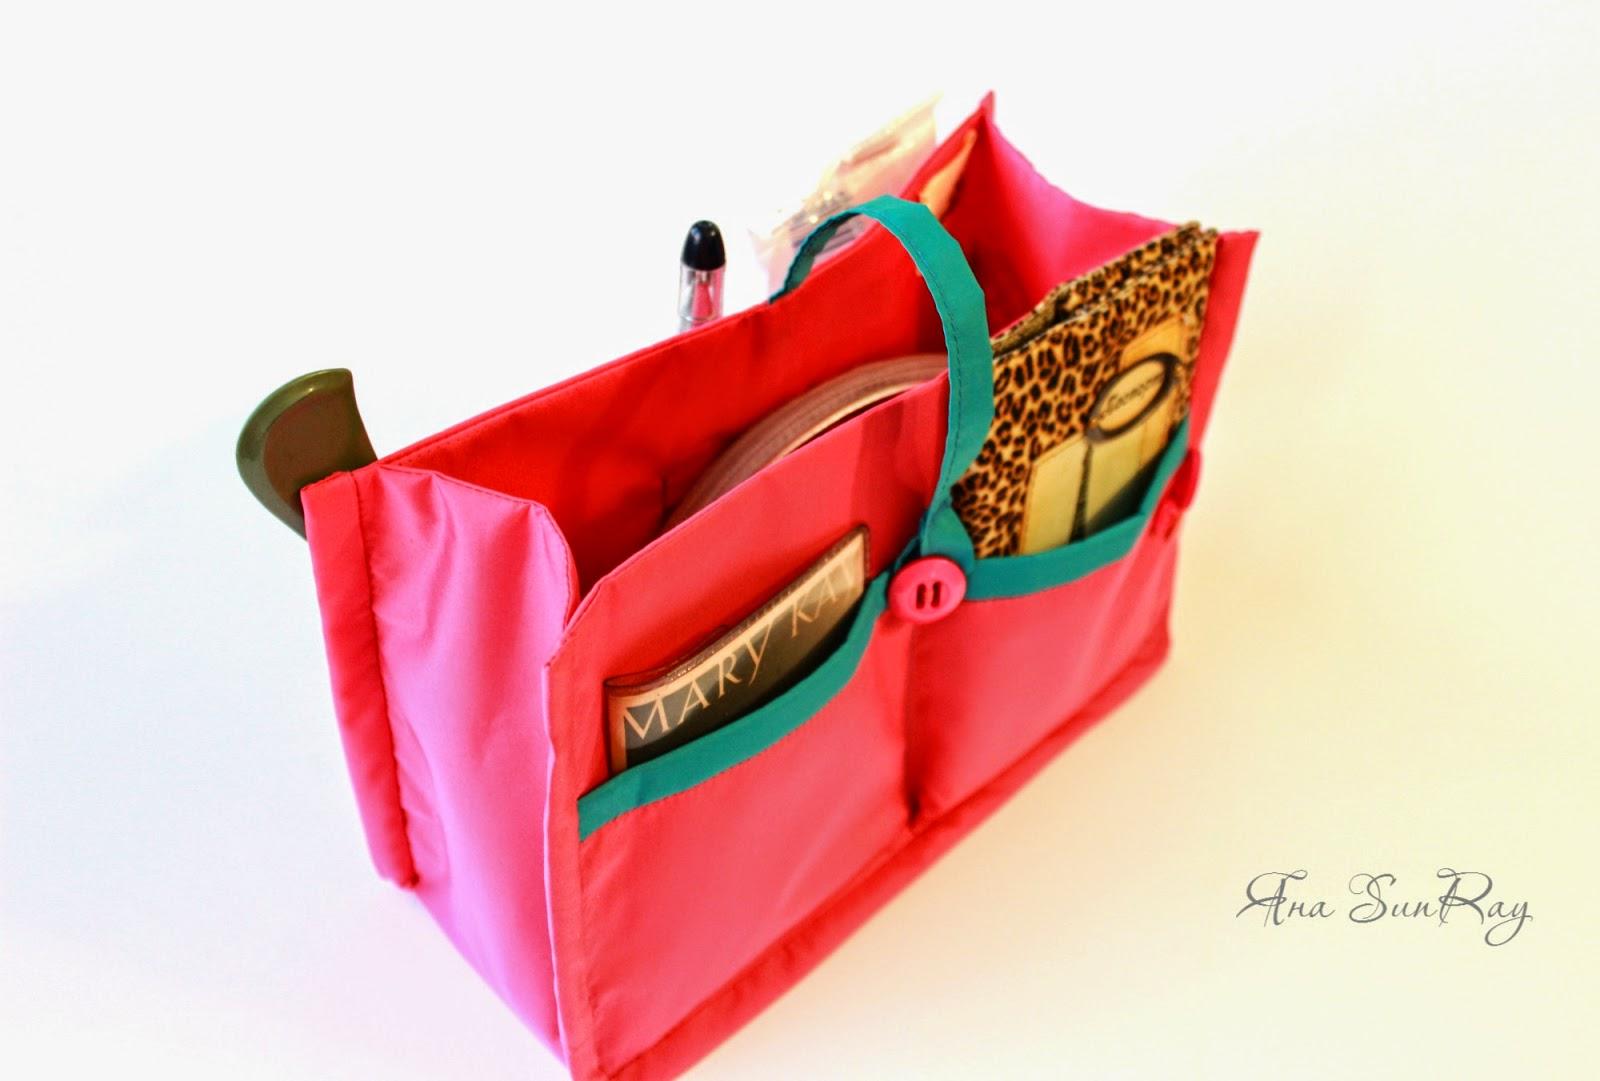 органайзер, тинтамар, хранение мелочей, органайзер для сумки, органайзер для сумочки, удобное хранение,  храним мелочи, женская сумочка, порядок в женской сумочке